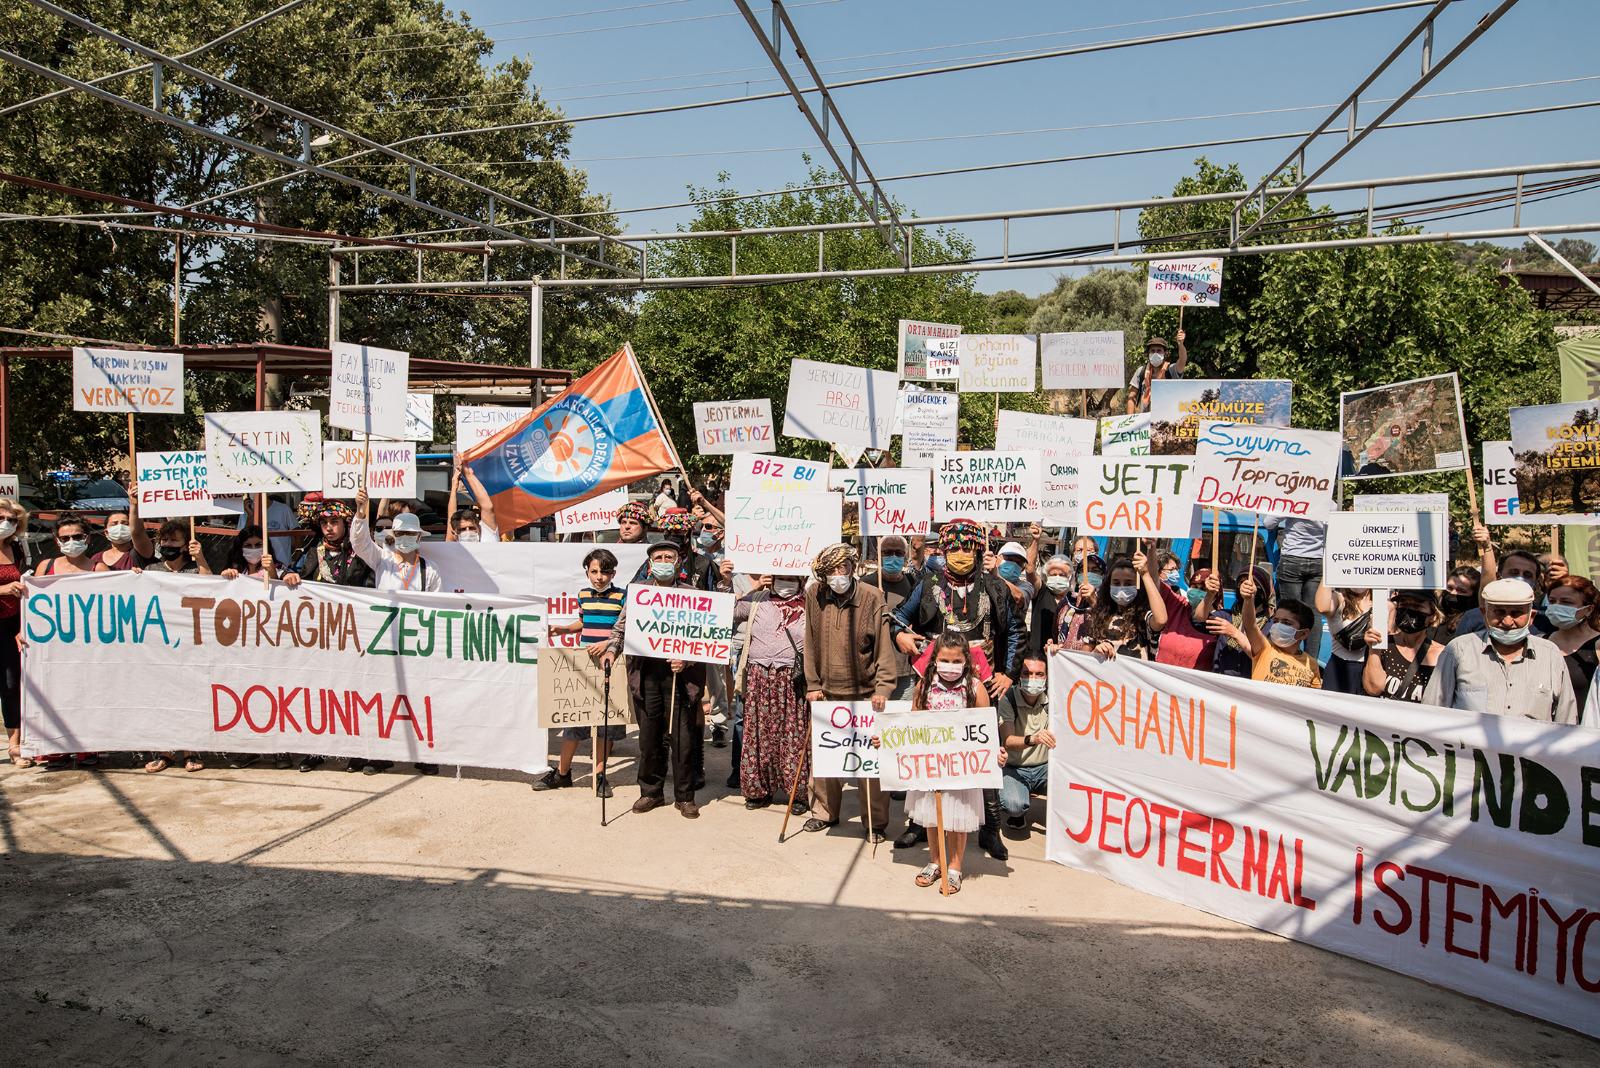 Seferihisar'daki 'JES' toplantısında, Orhanlı halkı direndi